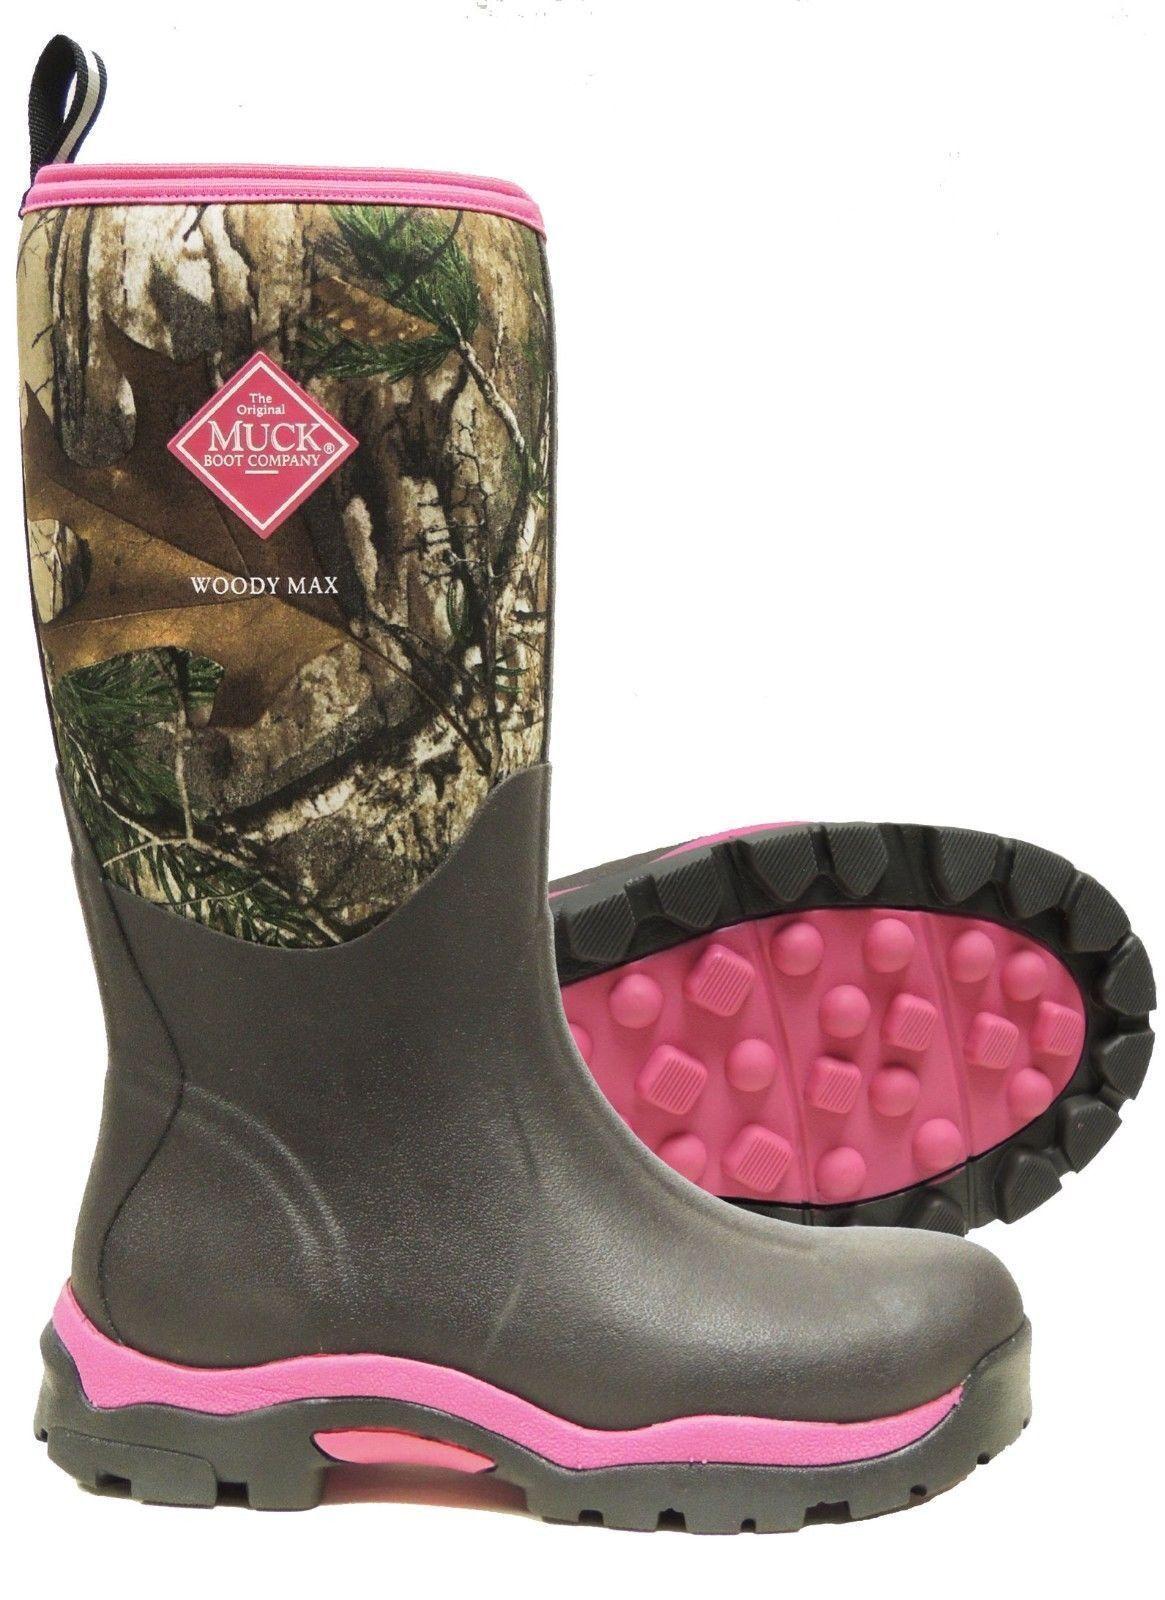 Woody Max Realtree XT Pink Camo